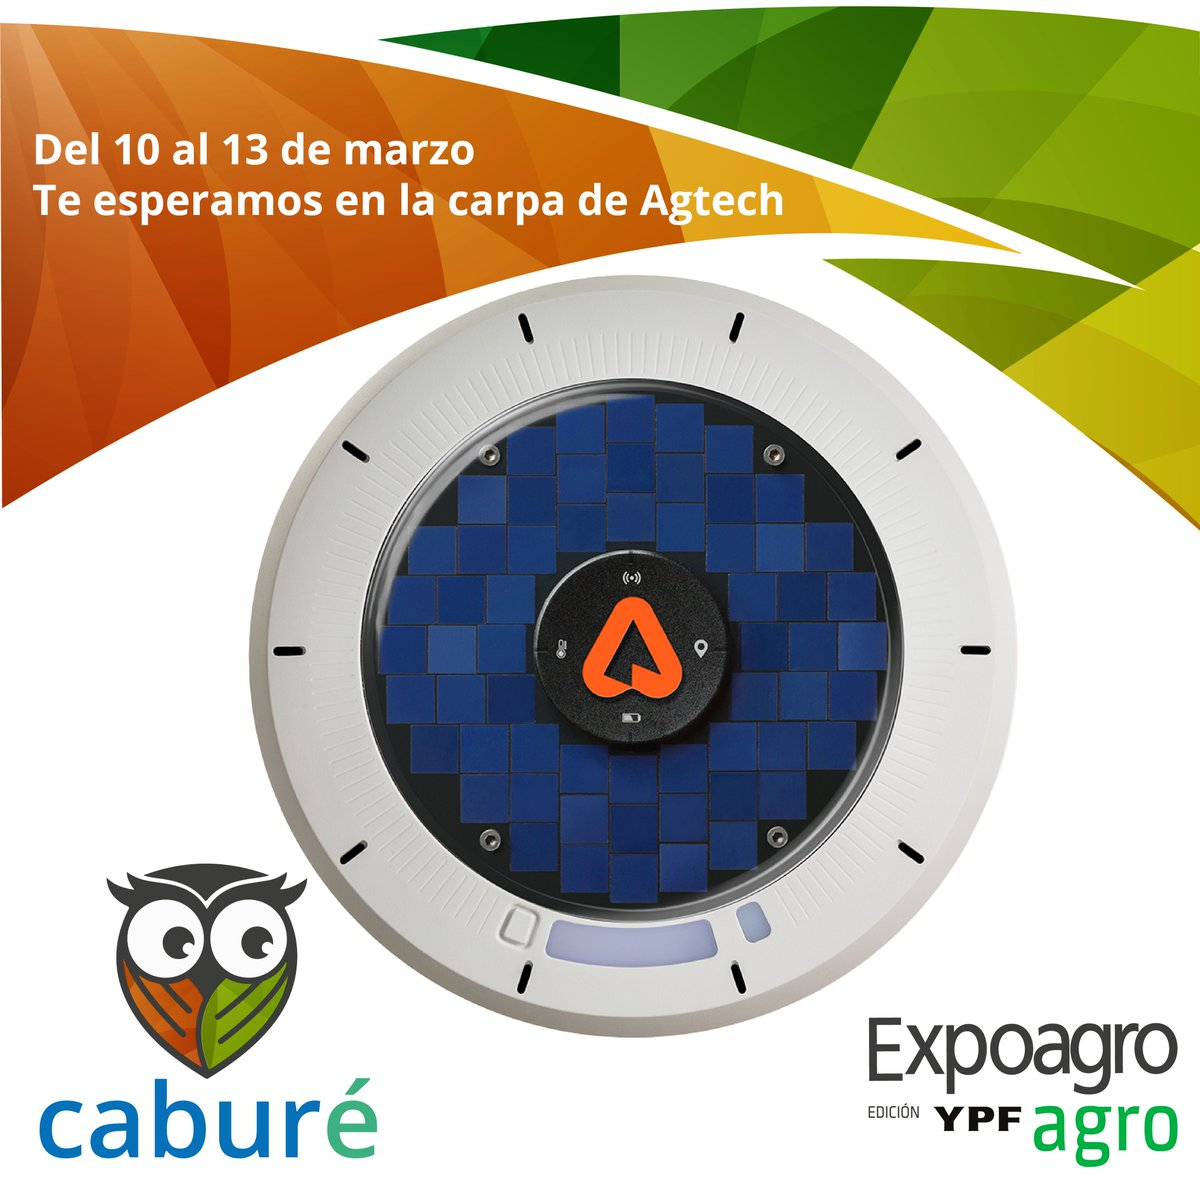 #NosVemosEnExpoAgro 10-13 Marzo con amigos @Caburearg! 🇦🇷 Ven a visitar la carpa #agtech en #ExpoAgro2020 para hablar con nuestros amigos Caburé sobre cómo Arable puede ayudar con la 'Decision Agriculture' en América del Sur